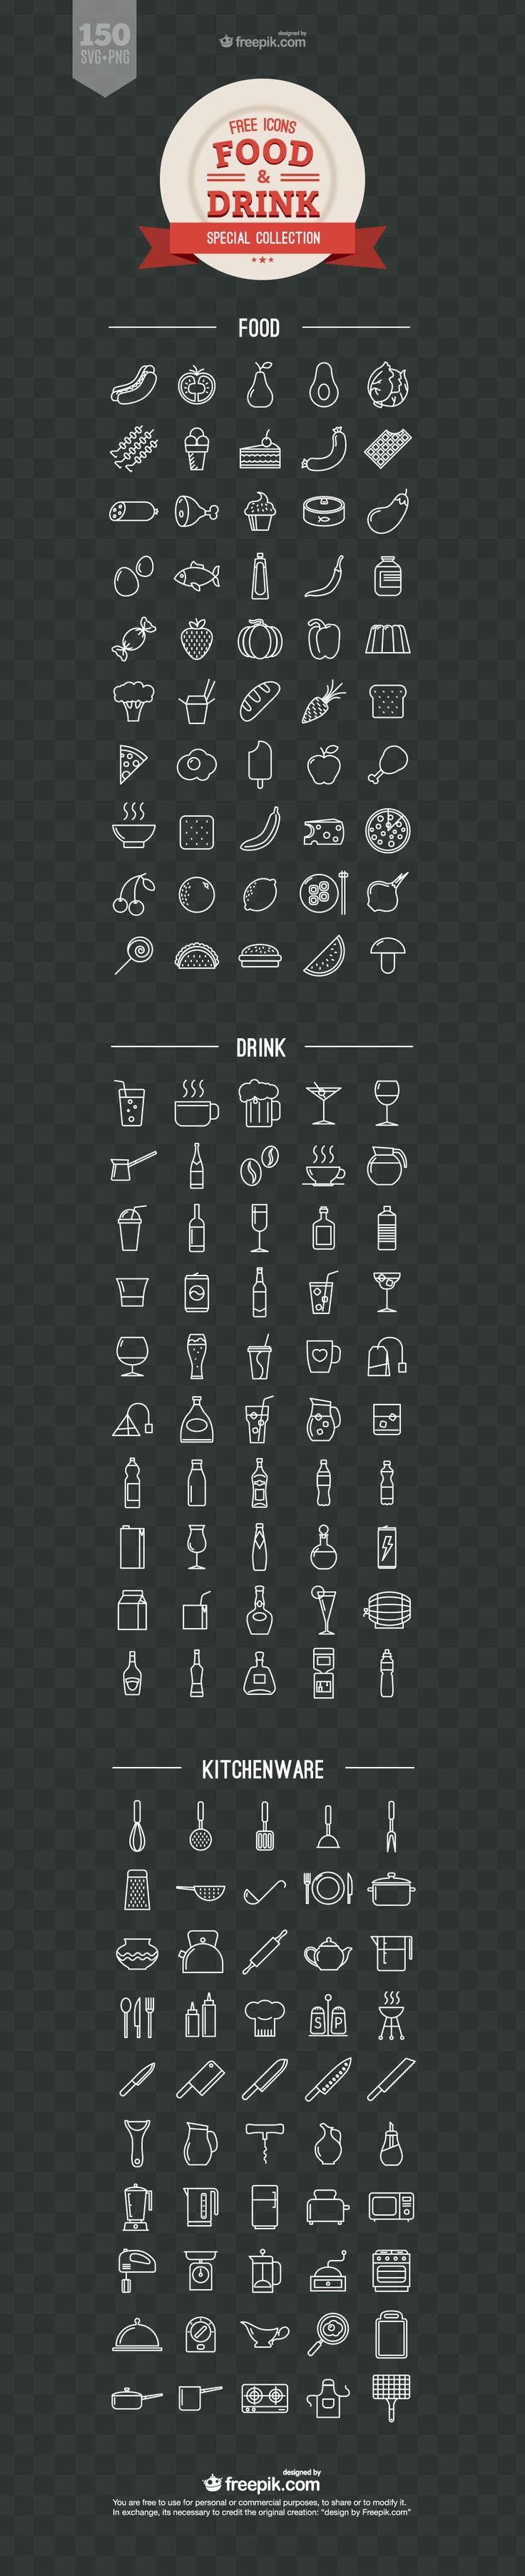 Para practicar cosas simples. c: